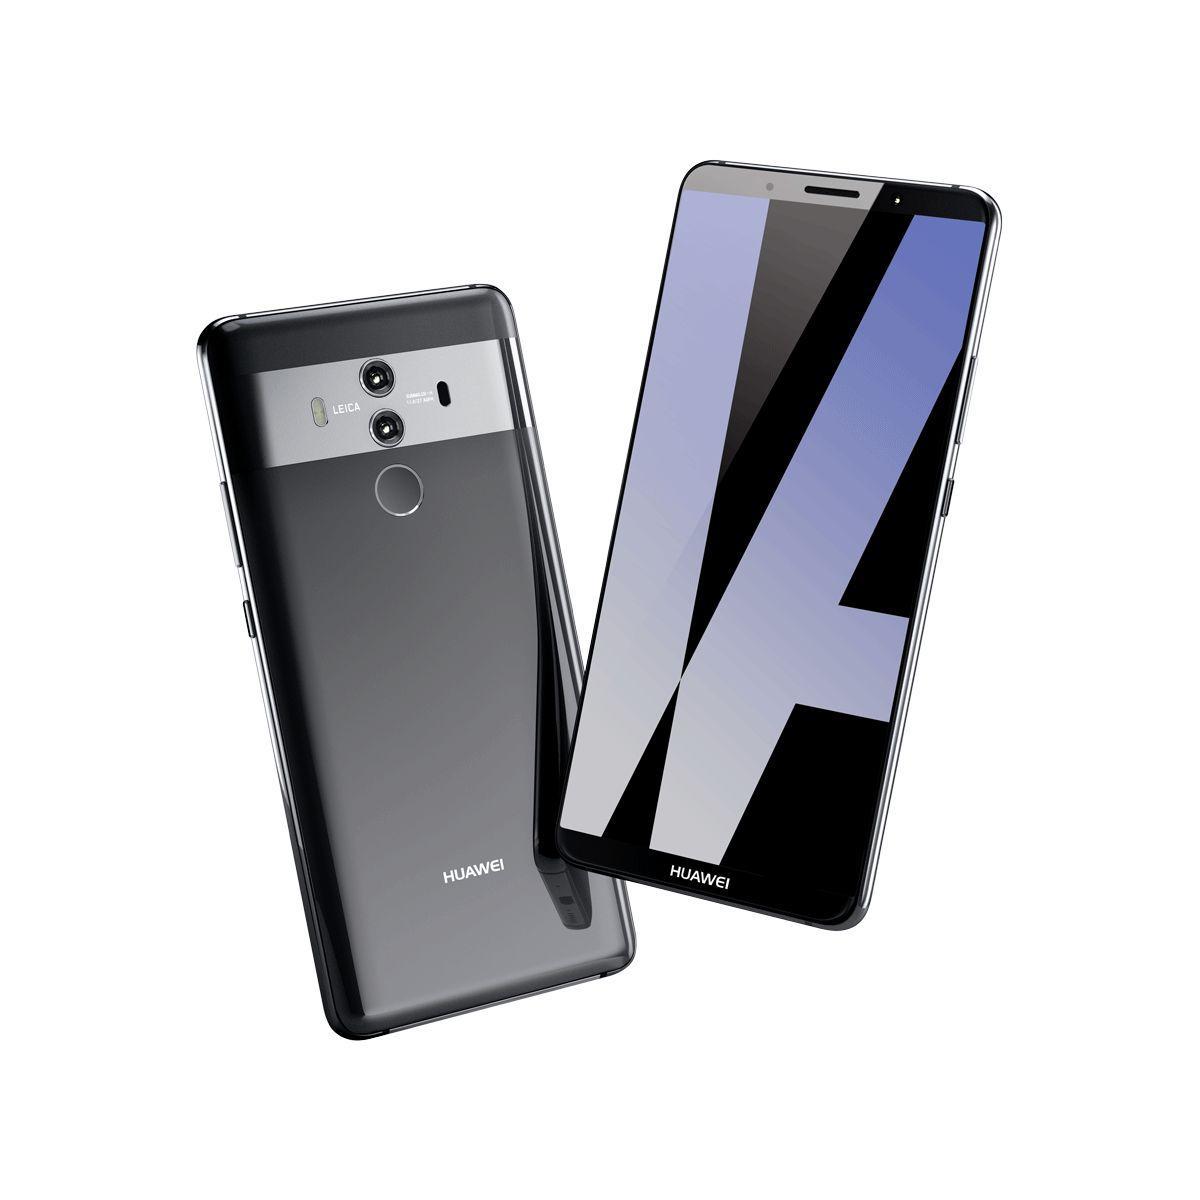 Smartphone huawei mate 10 pro titanium gray - livraison offerte : code premium